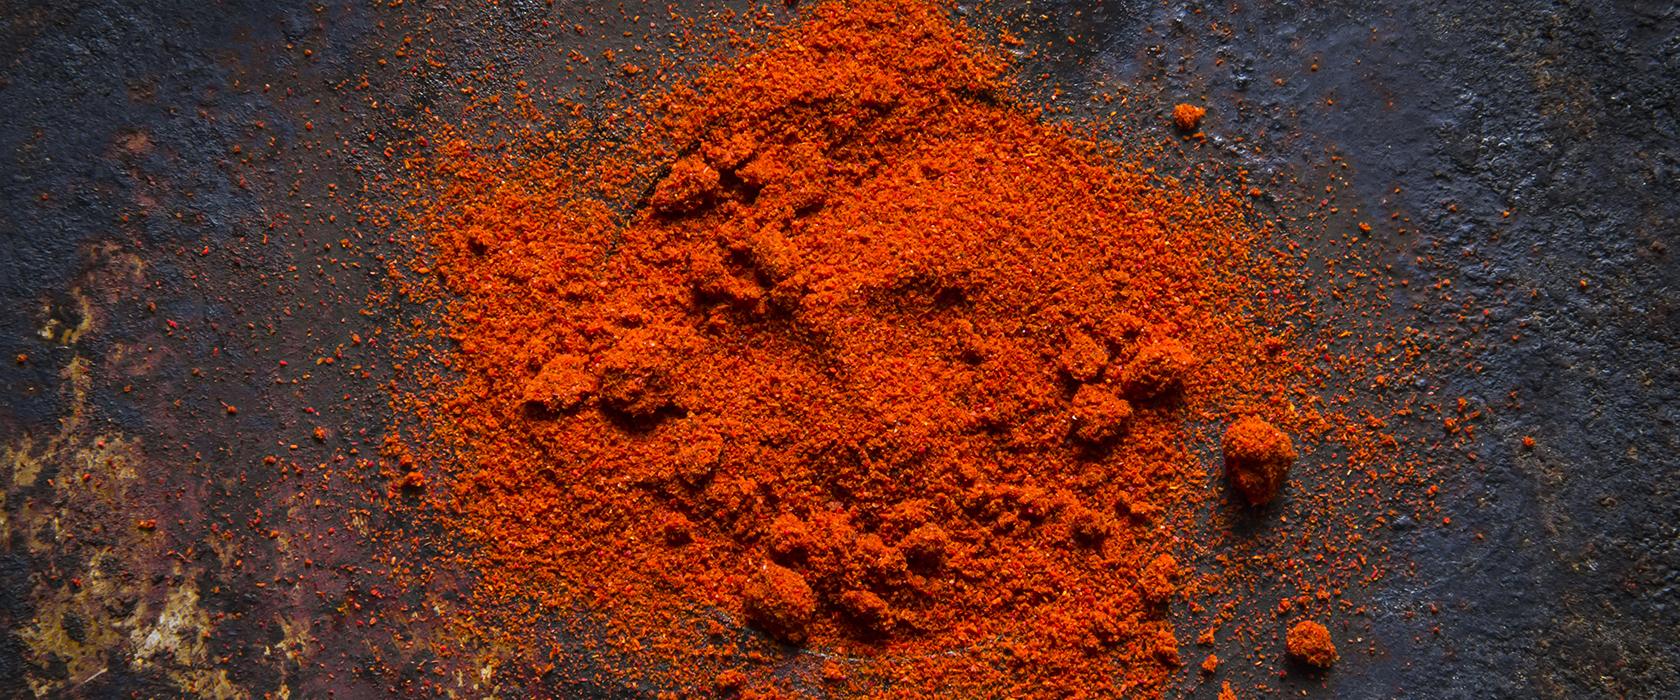 Что за специя копченая паприка: как применять в кулинарии и можно ли сделать в домашних условиях